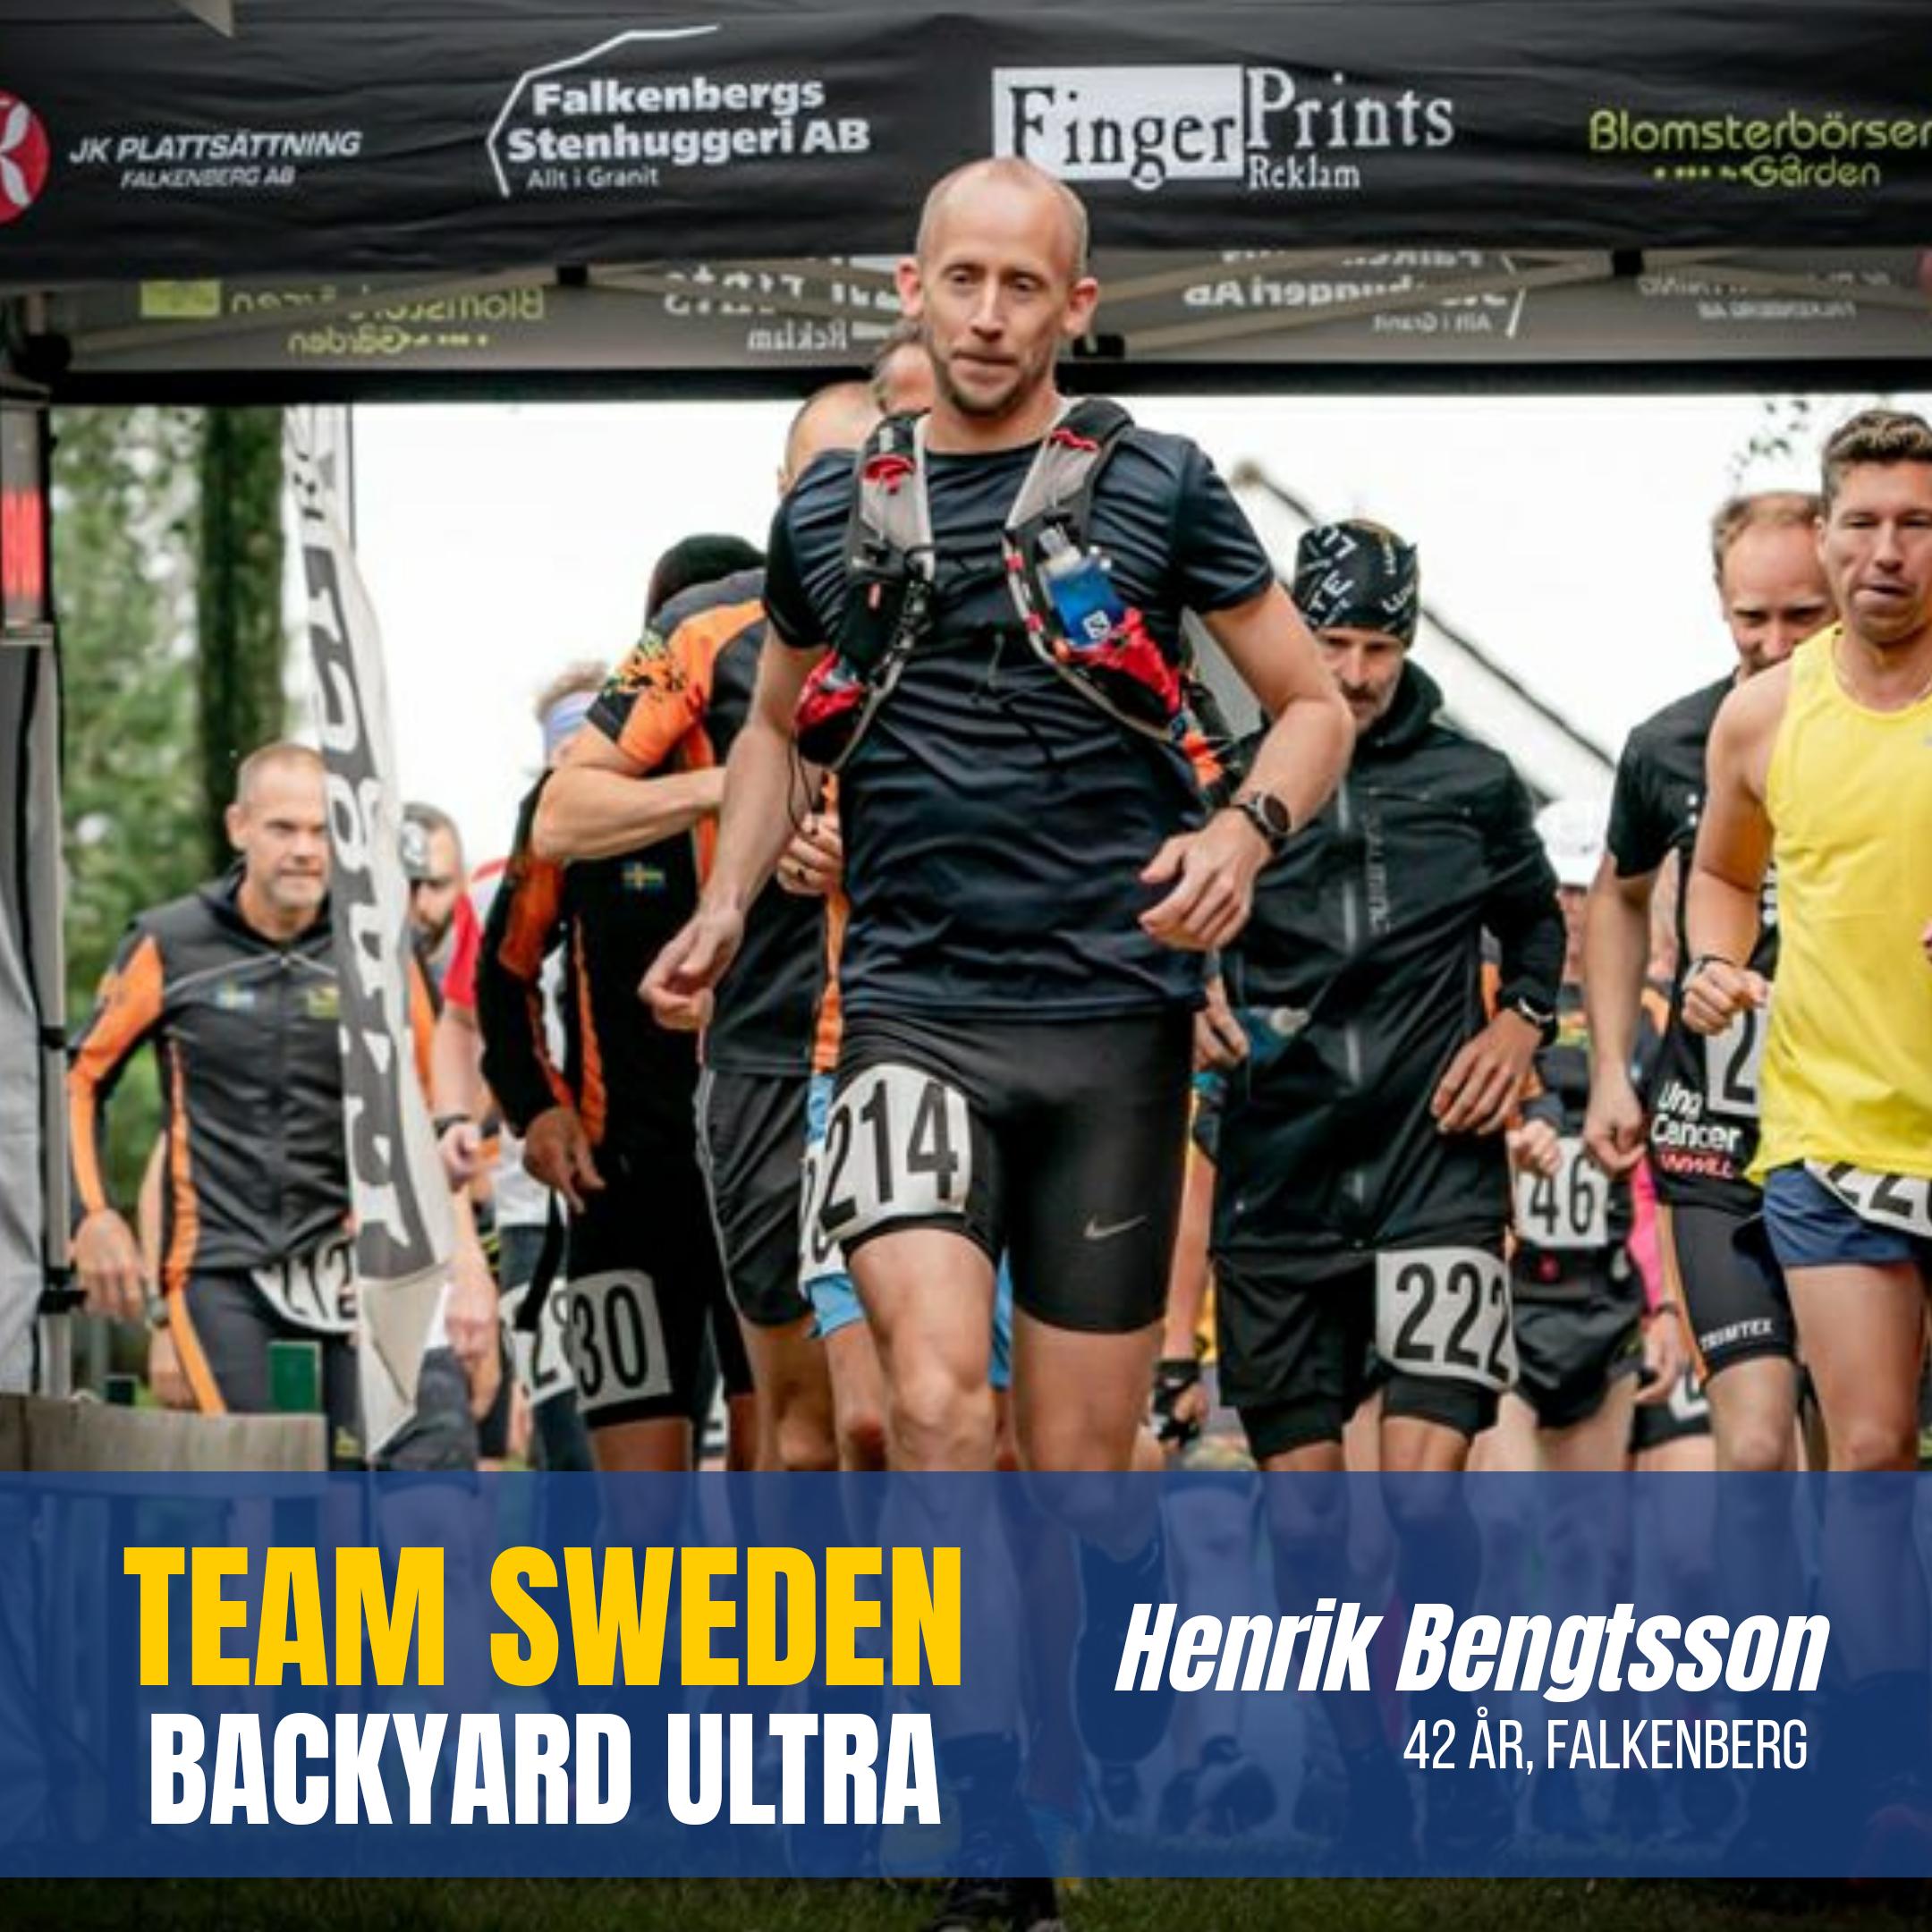 Henrik Bengtsson Sweden Runners Backyard Ultra